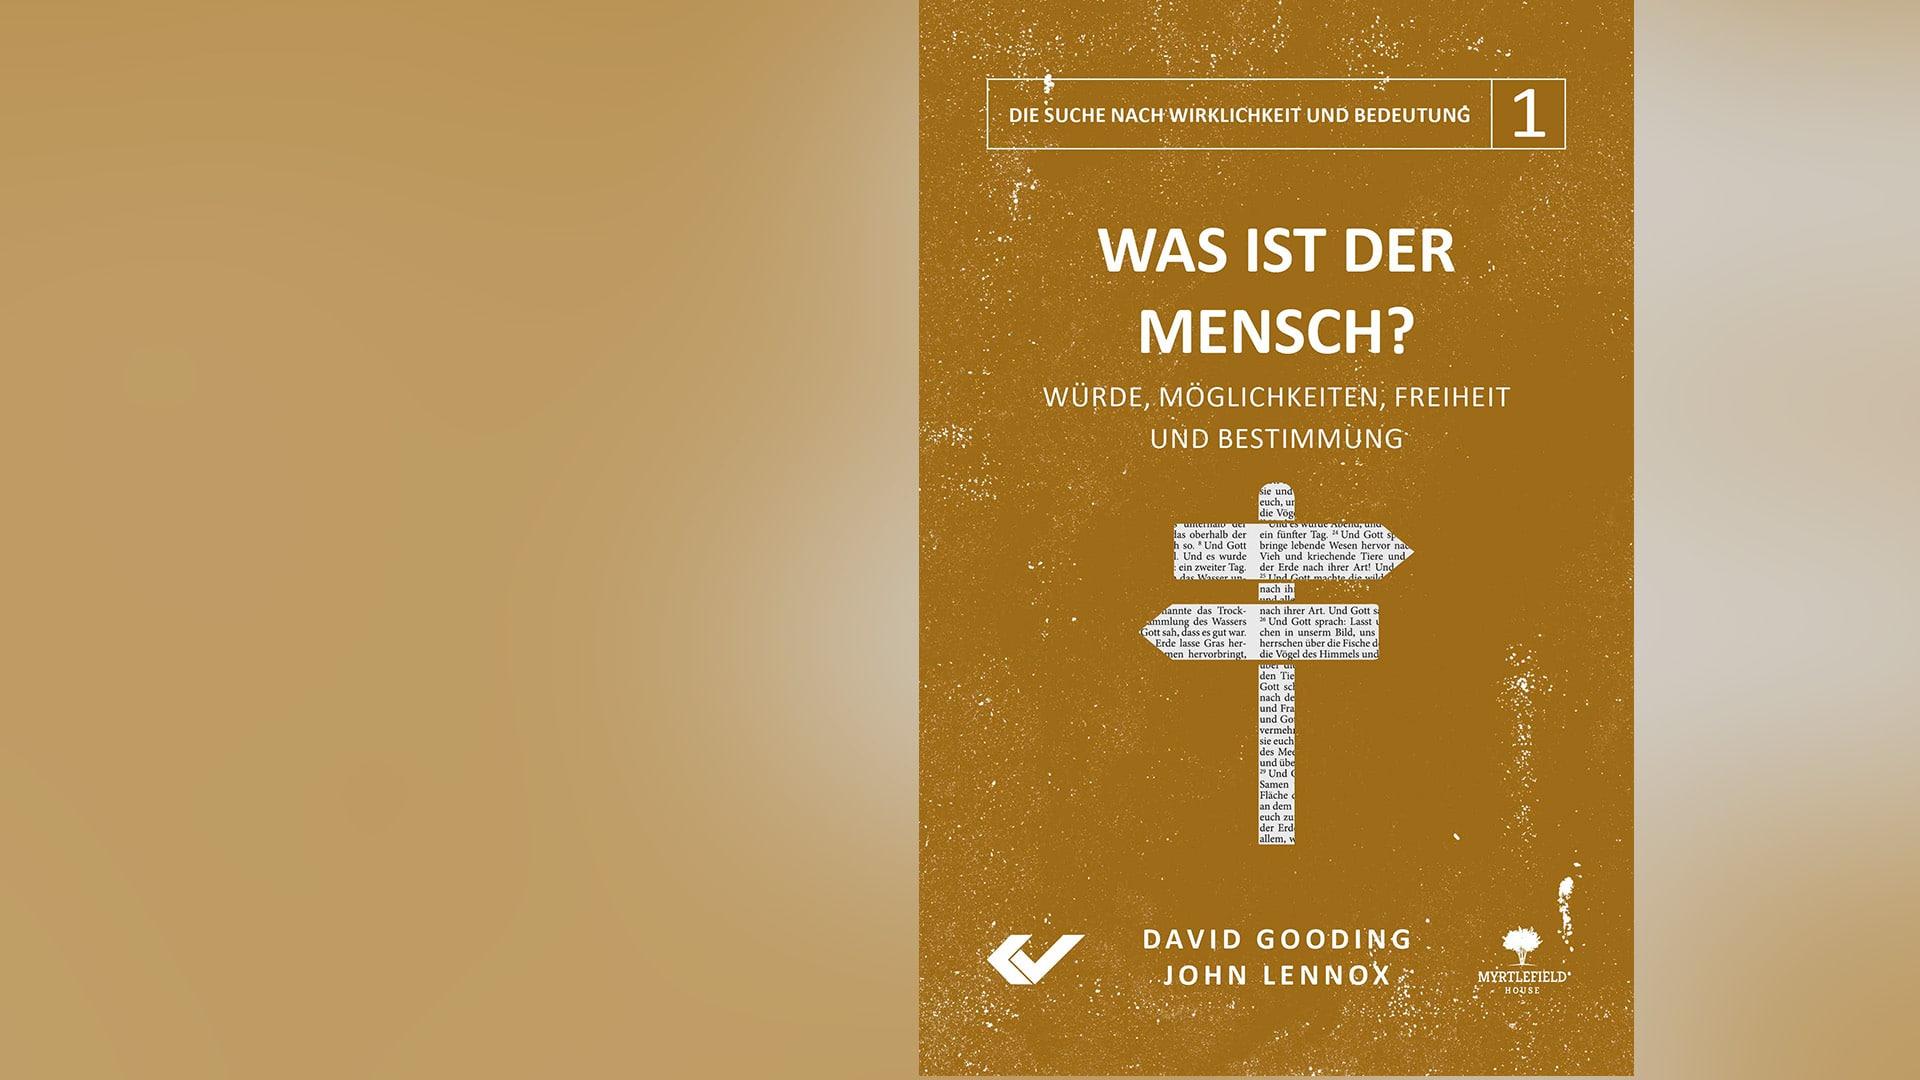 """John Lennox, David Gooding: """"Was ist der Mensch? Würde, Möglichkeiten, Freiheit und Bestimmung"""", Christliche Verlagsgesellschaft Dillenburg, 400 Seiten, 24,90 Euro, ISBN 9783863536510"""